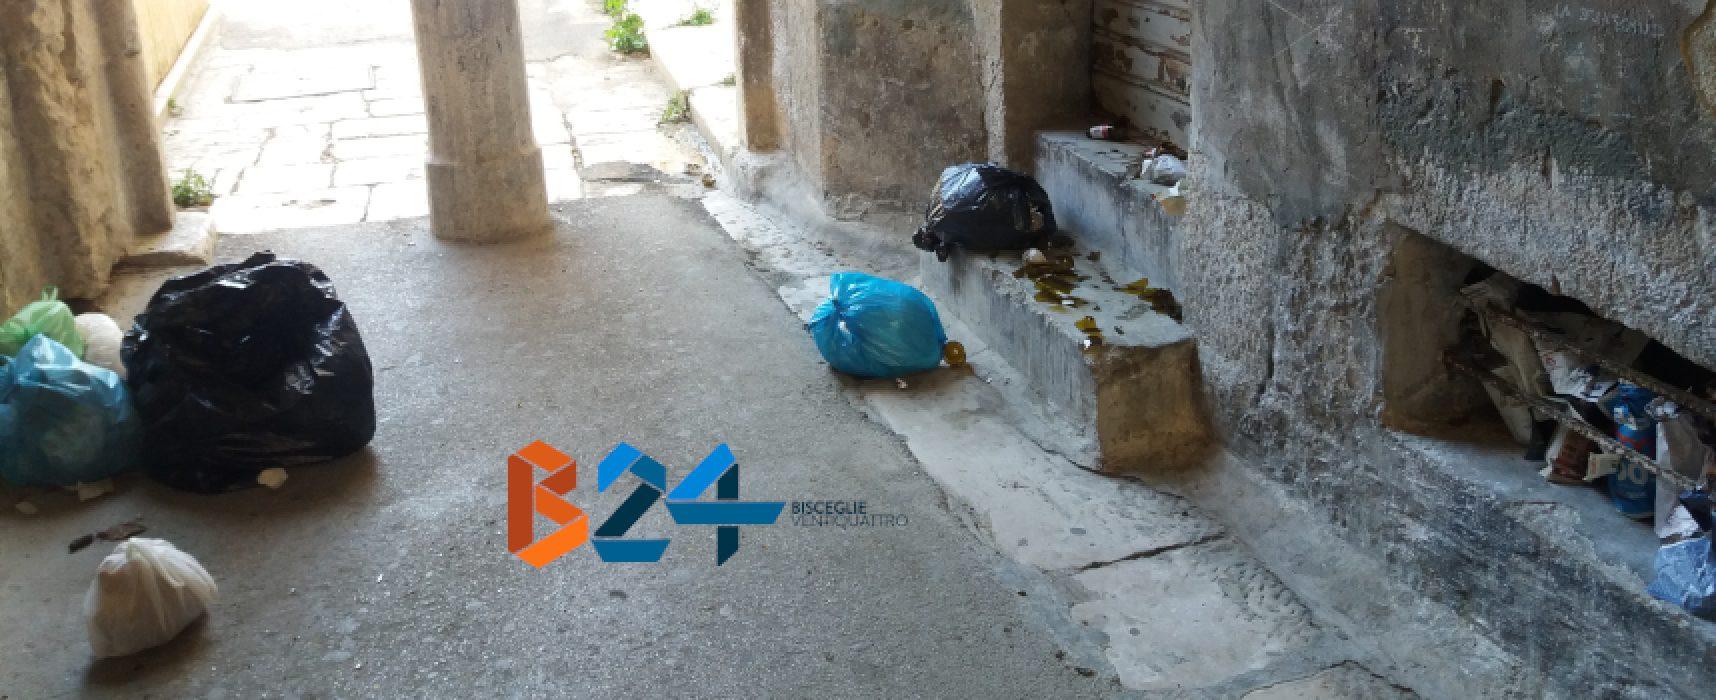 """Vico Lepanto, """"stradina dimenticata regno di rifiuti e urina"""" / FOTO"""